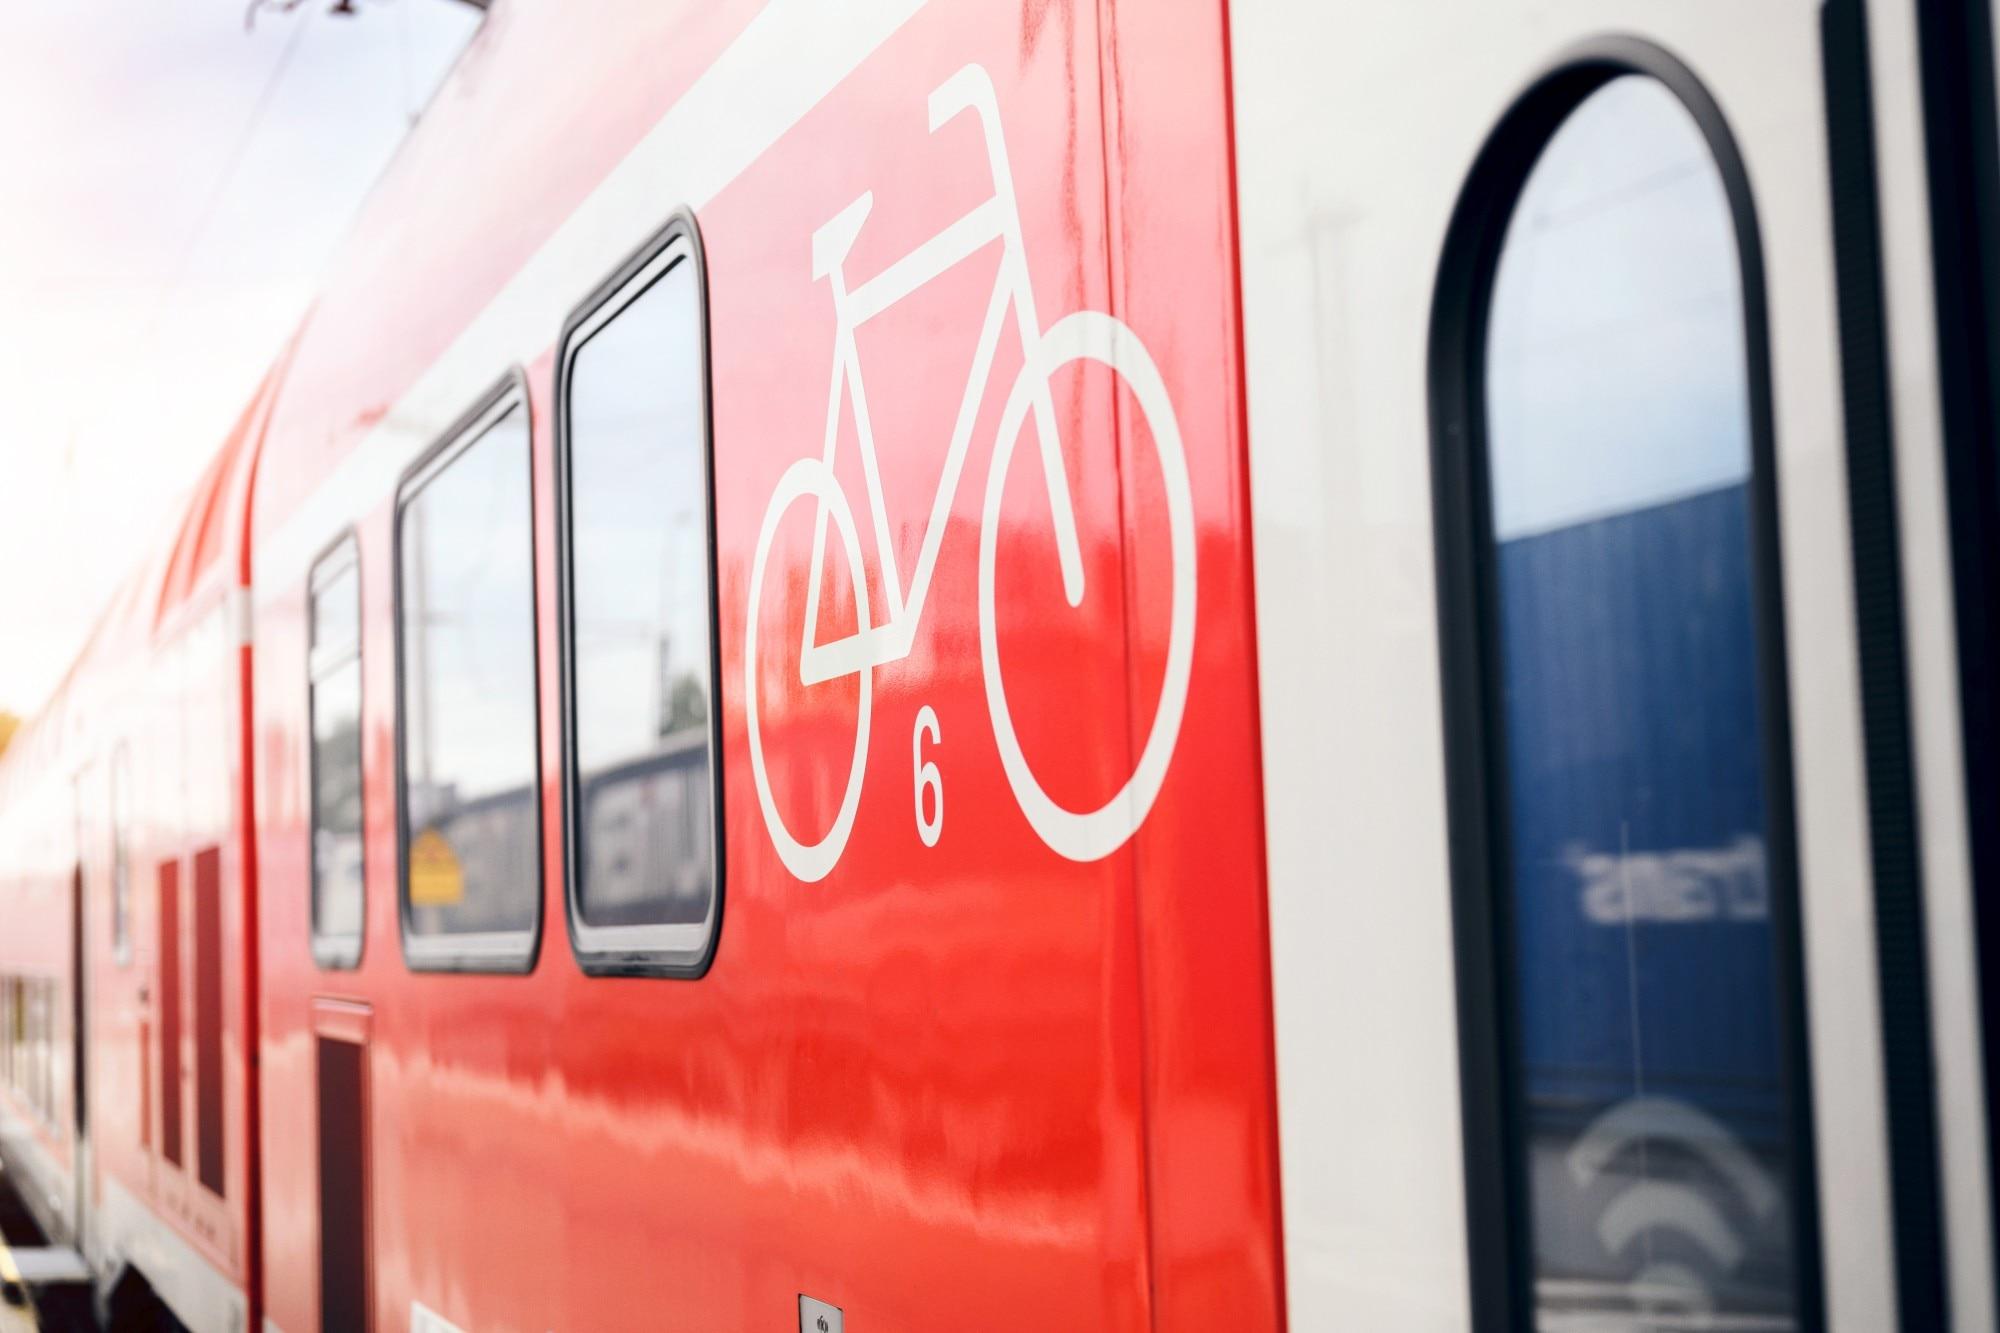 Fahrradmitnahme-Symbol an einem Regio-Zug